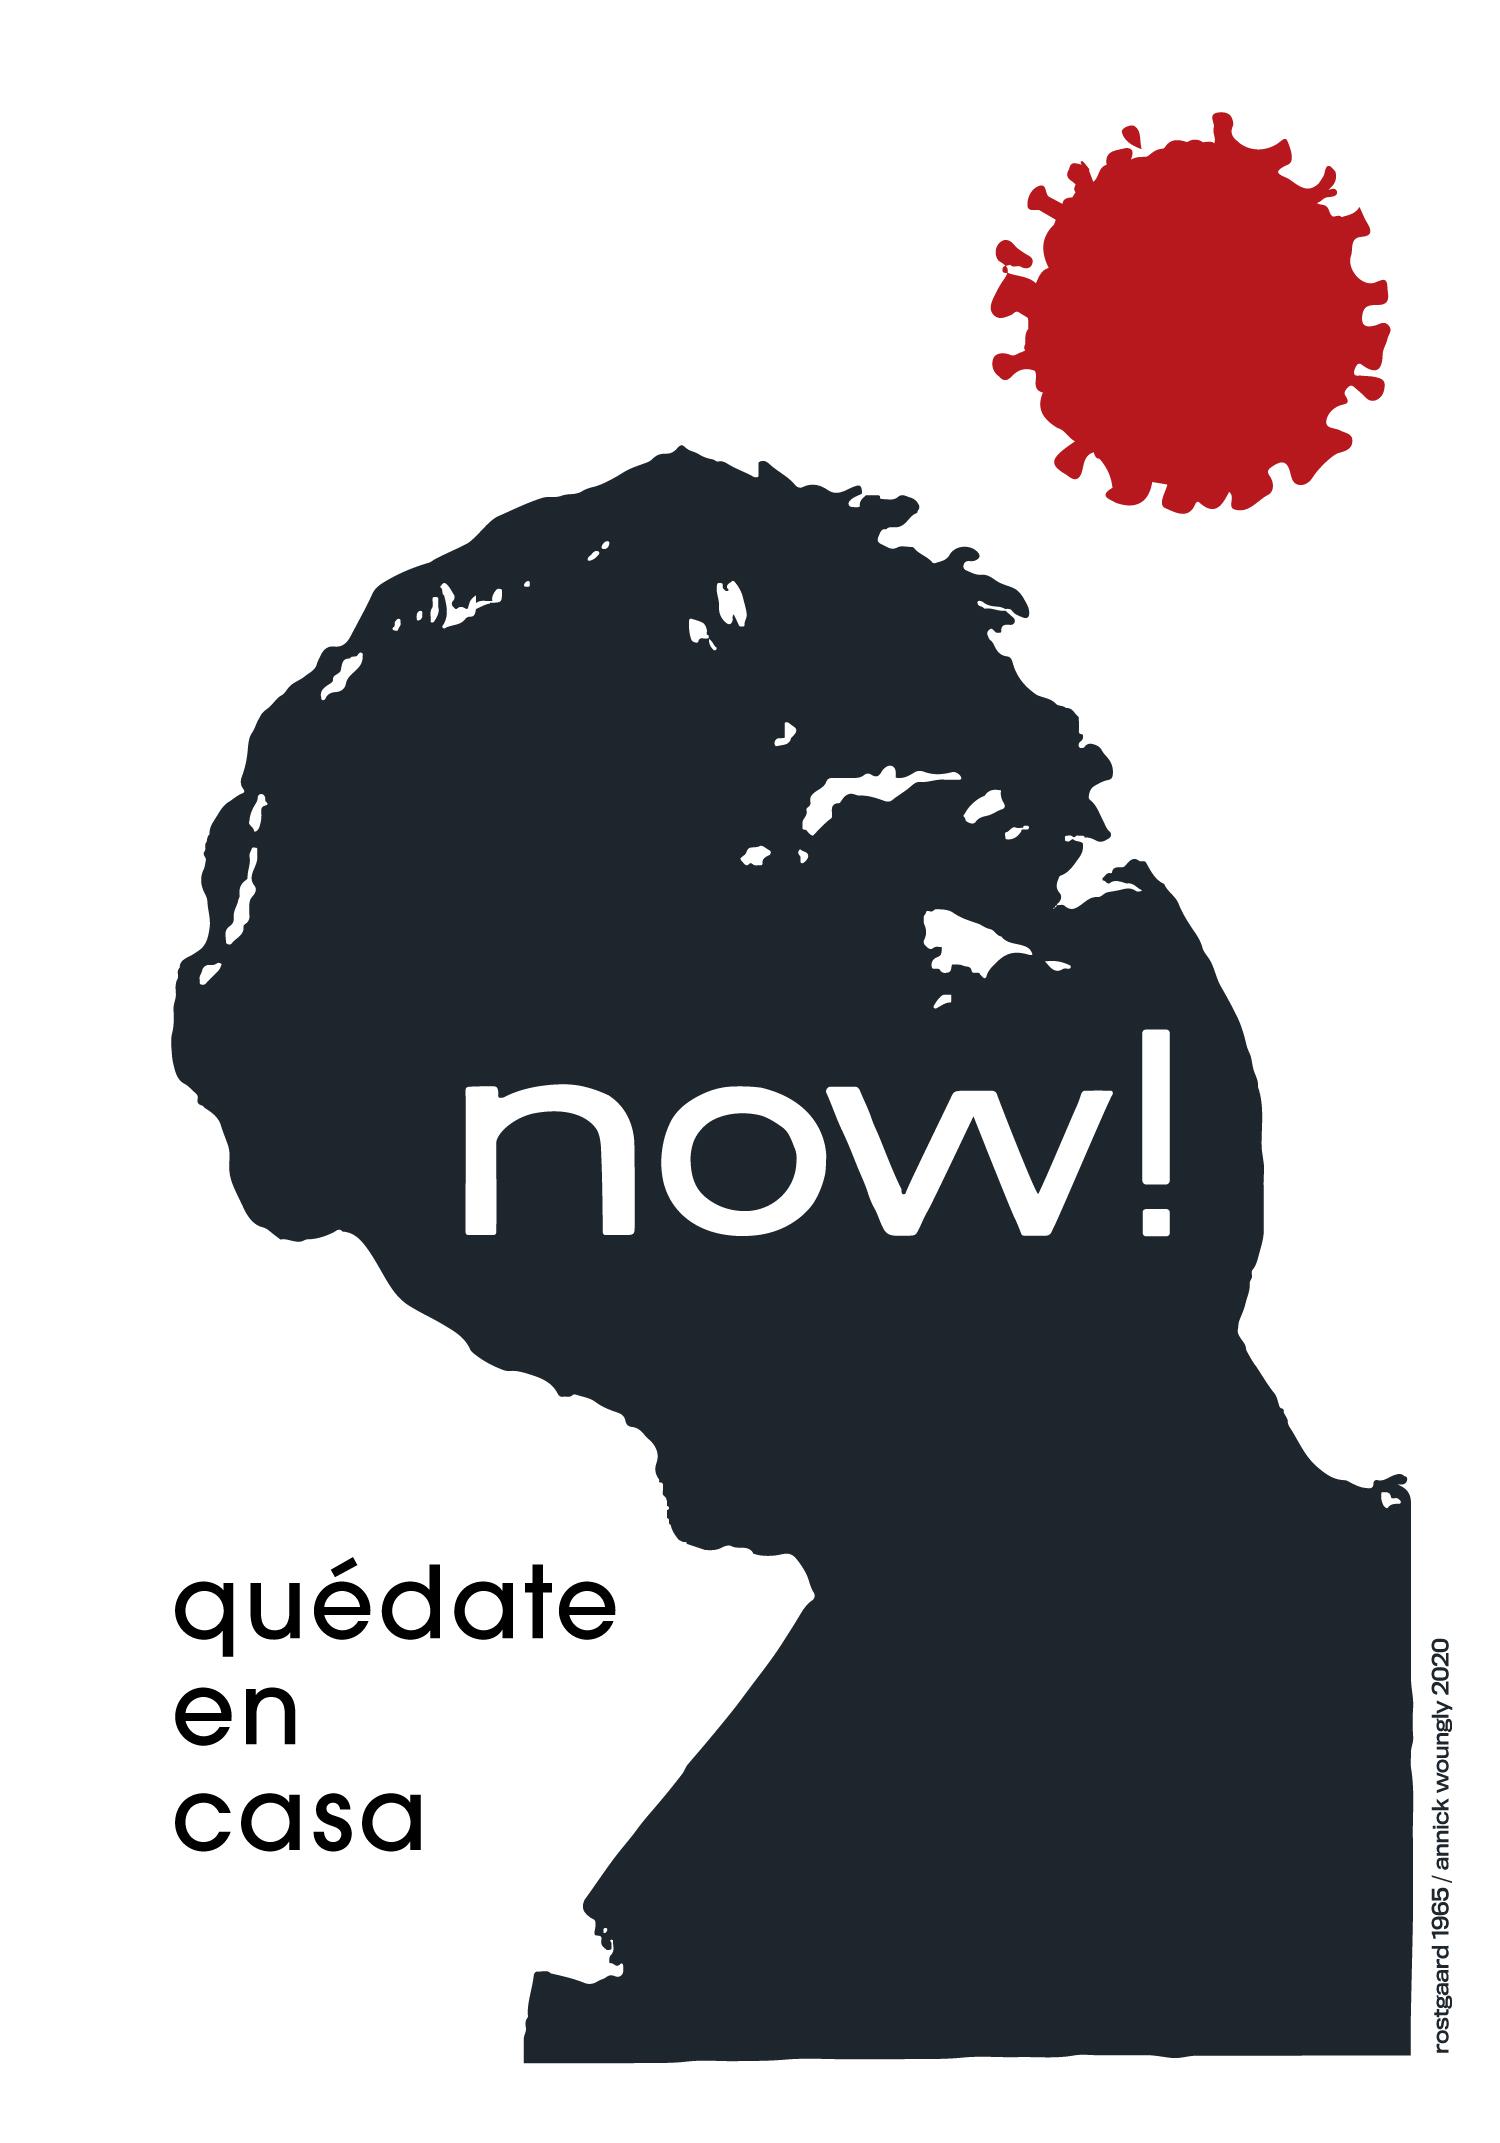 El cartel cubano en los tiempos del coronavirus. Now. Rostgaard 1965